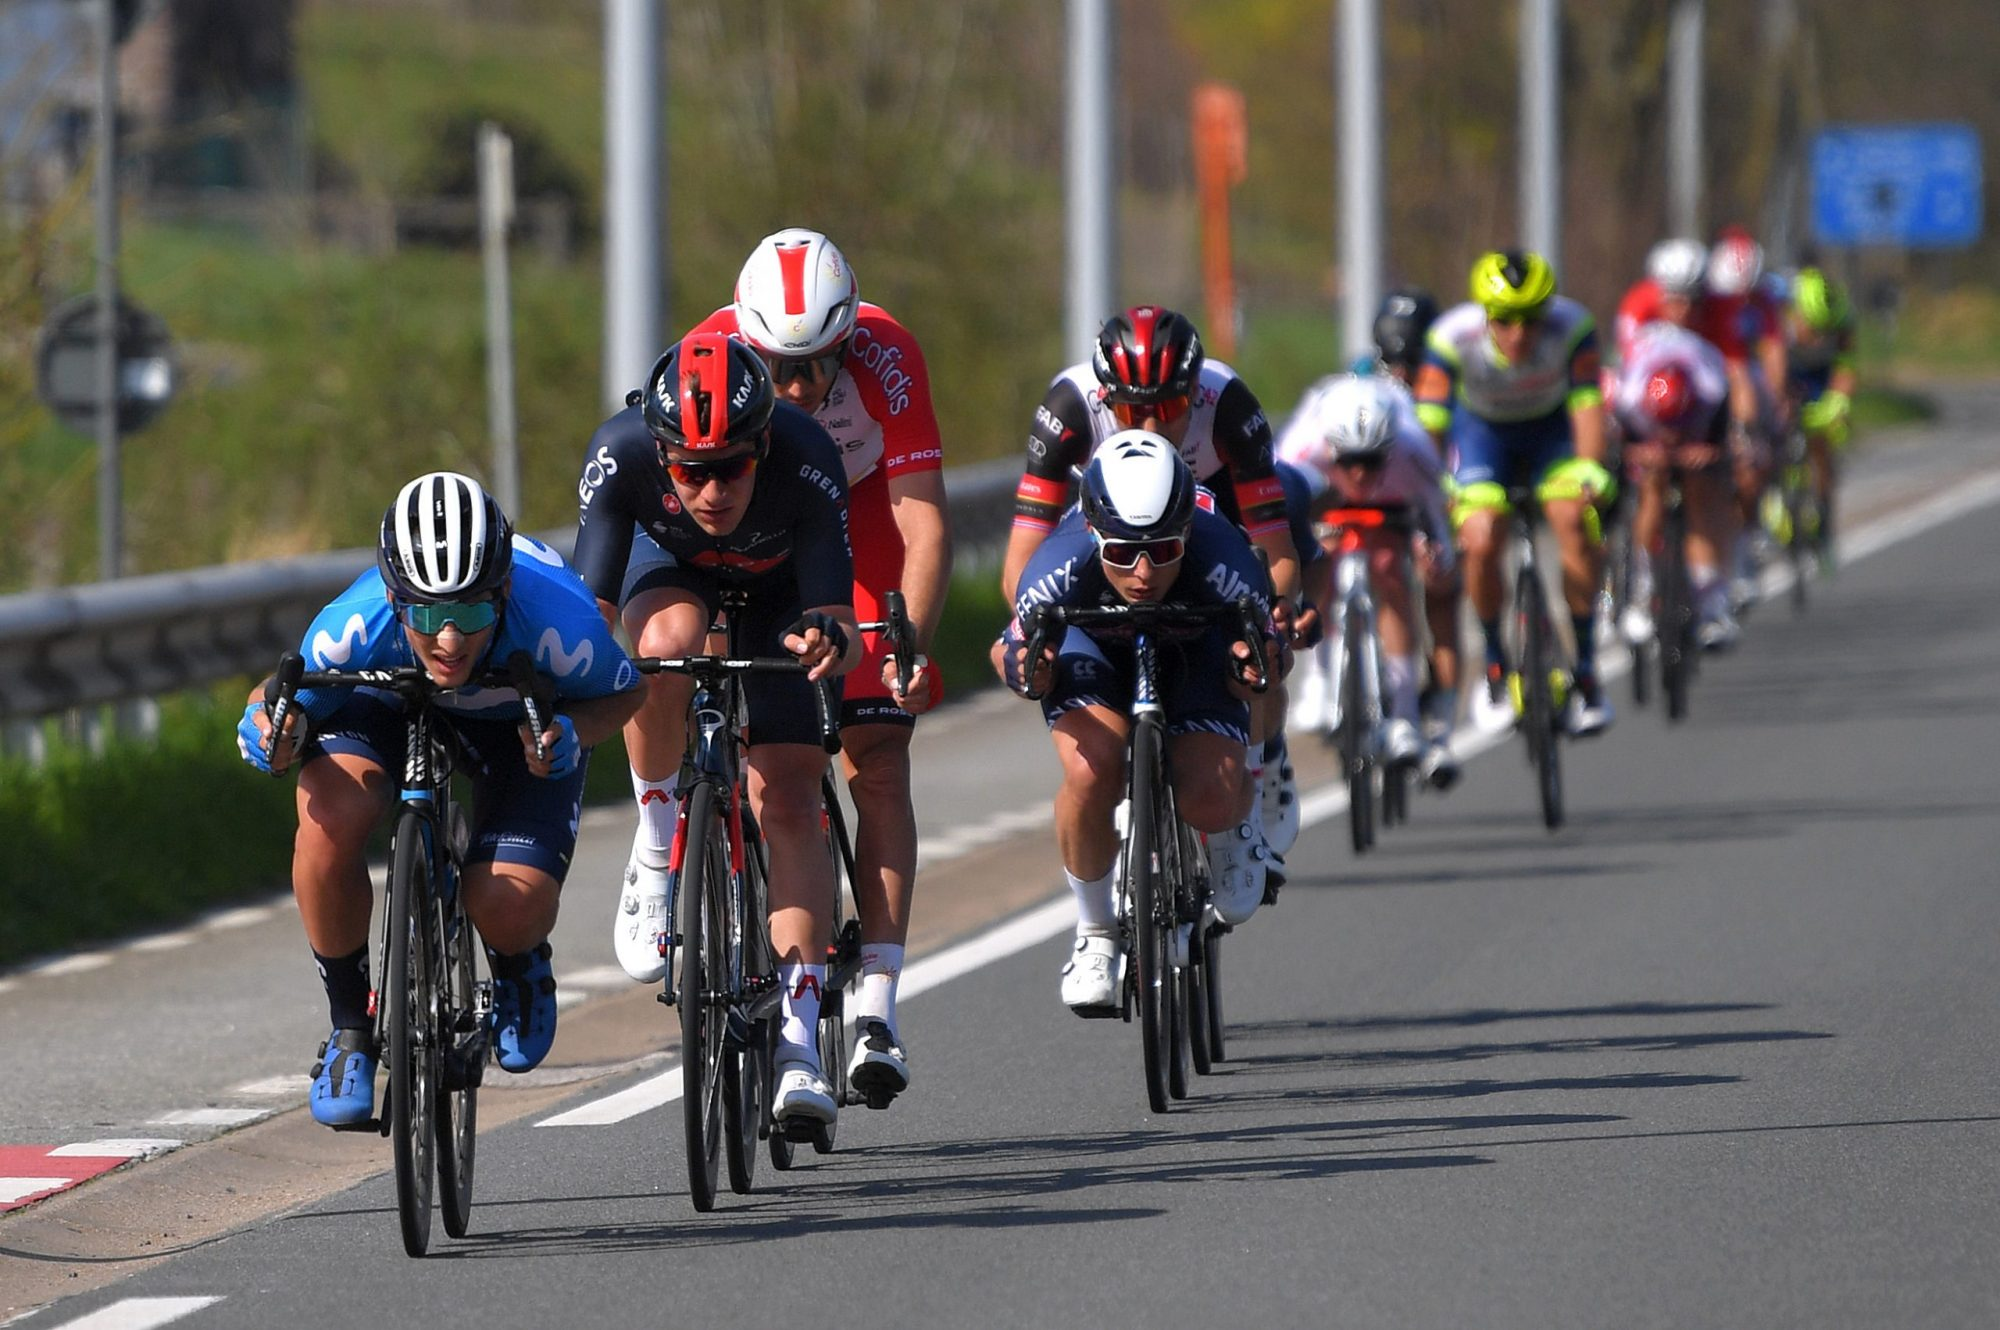 Los ciclistas del Tour del País Vasco no están seguros de cómo adaptarse y no caer en la infracción de la prohibición de la UCI sobre el 'super-tuck'